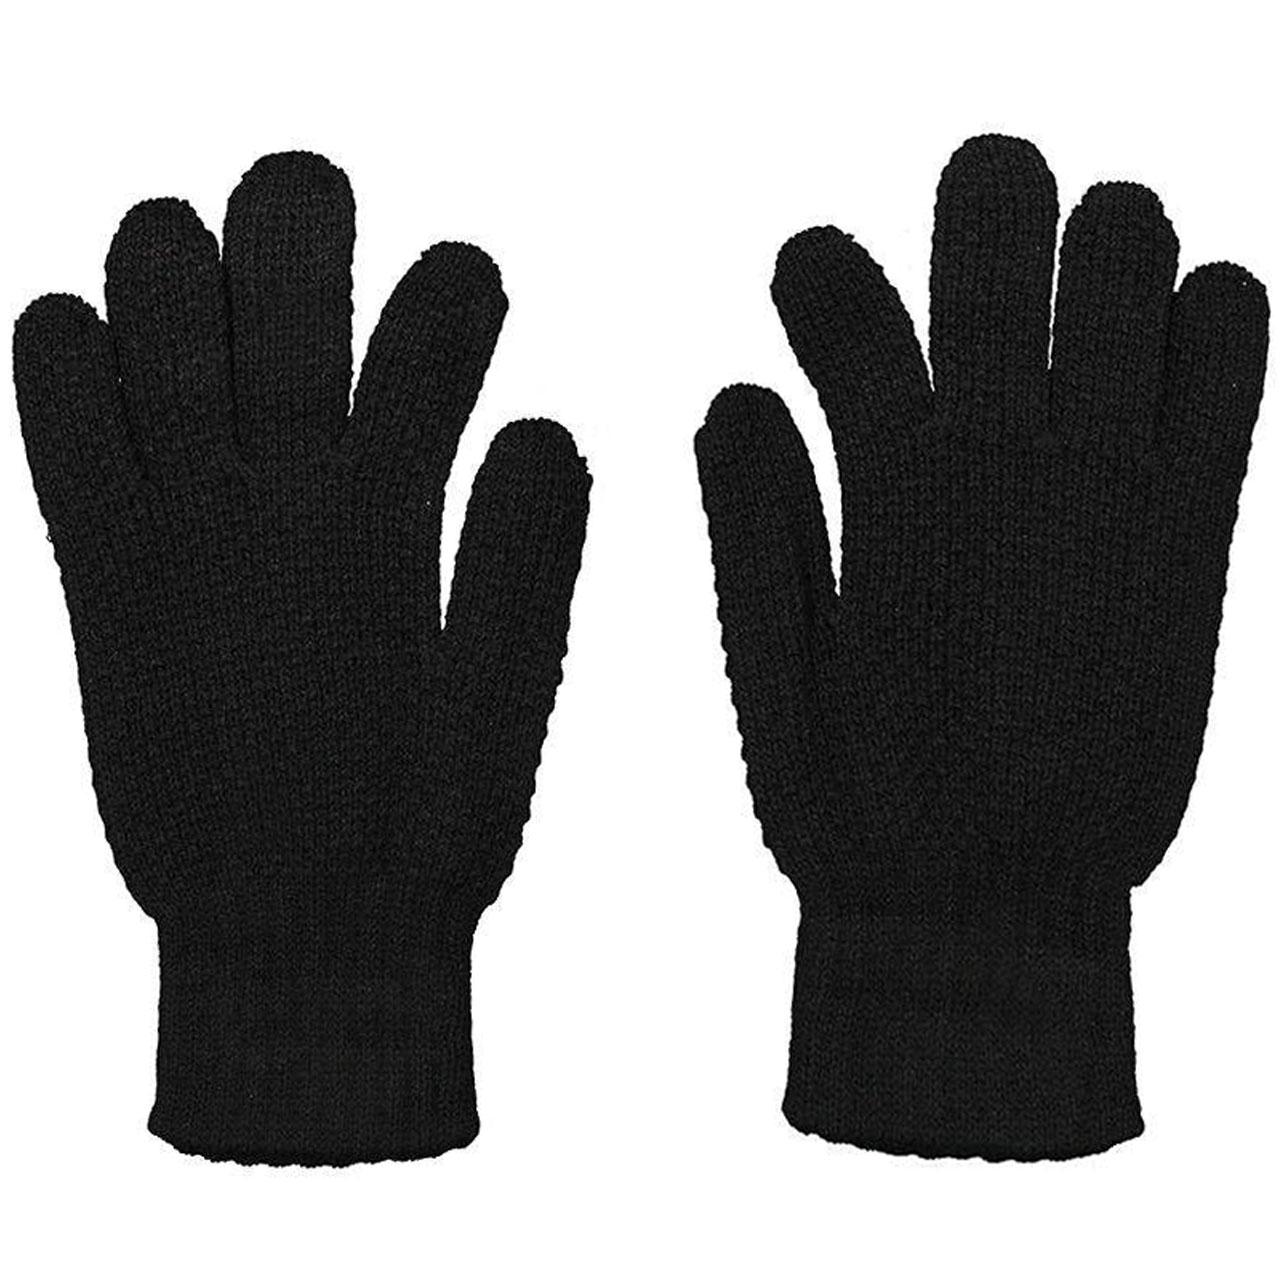 دستکش بافتنی مردانه منوچهری کد 35444